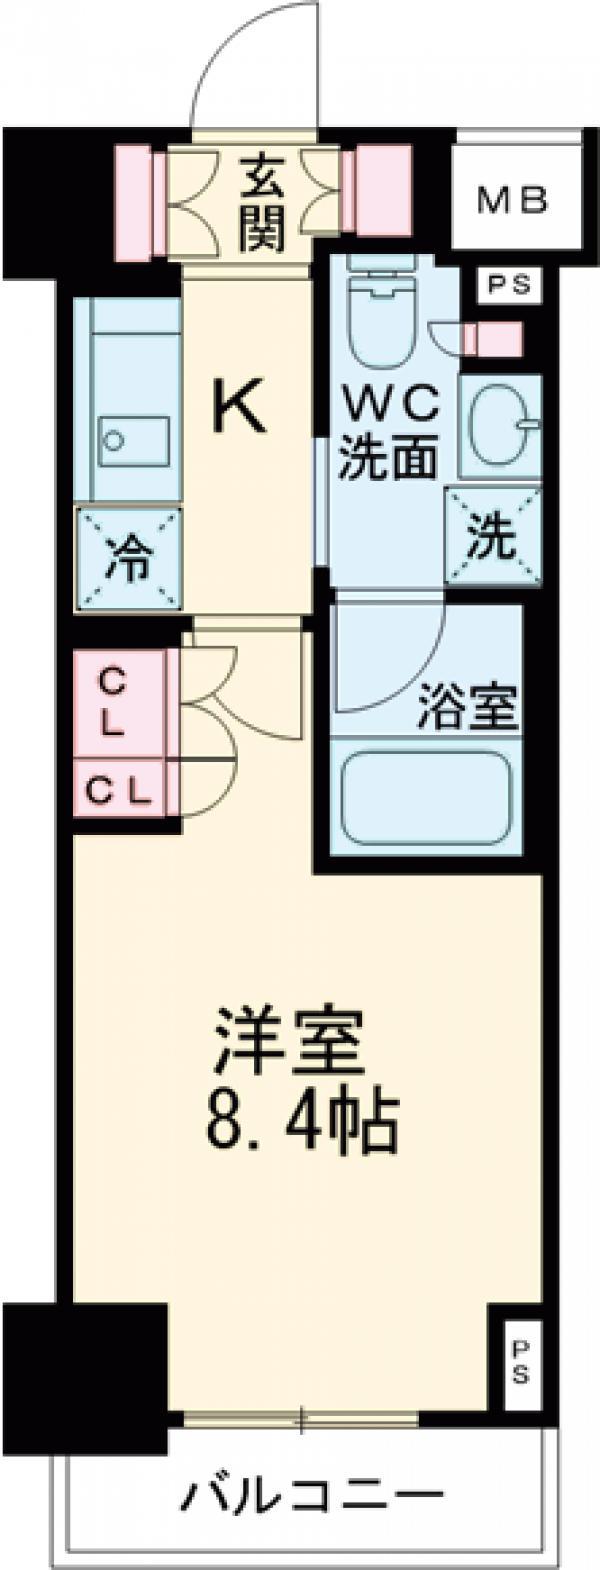 プラウドフラット西早稲田・1005号室の間取り